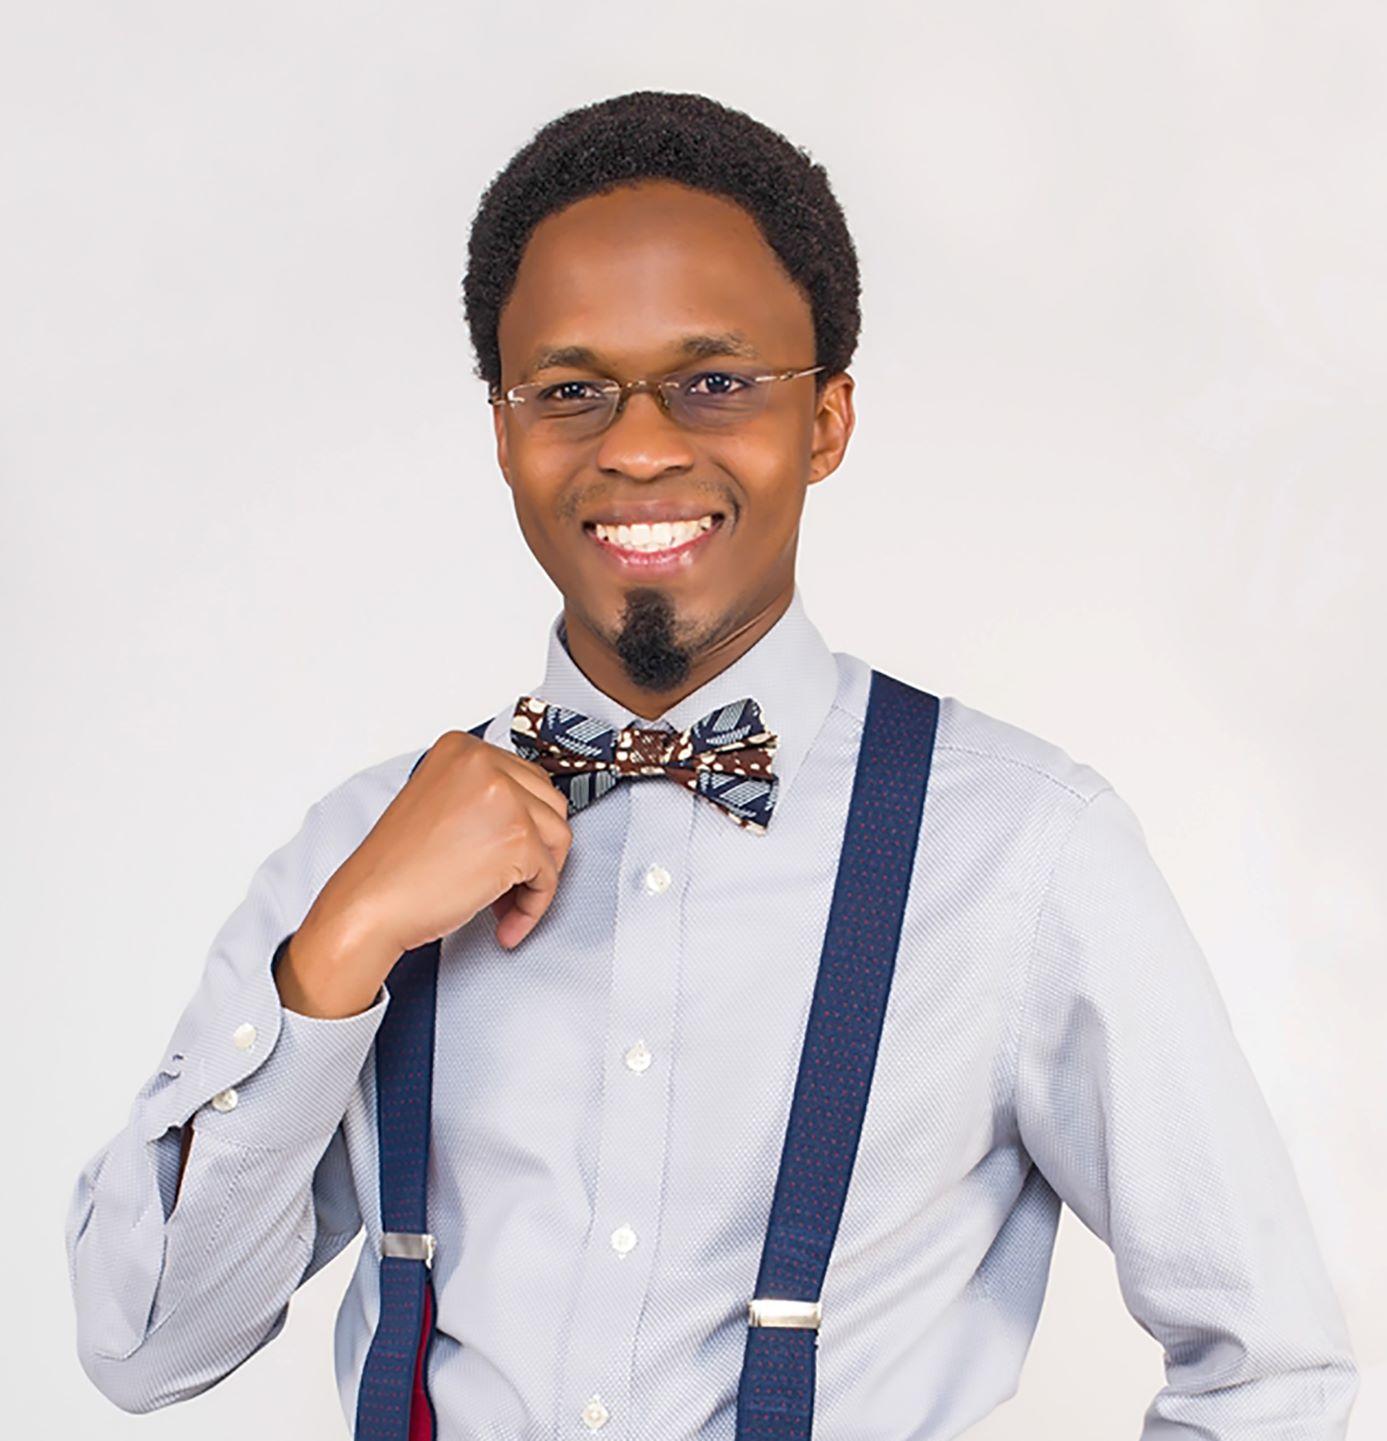 Samuel Kariuki Waitathu